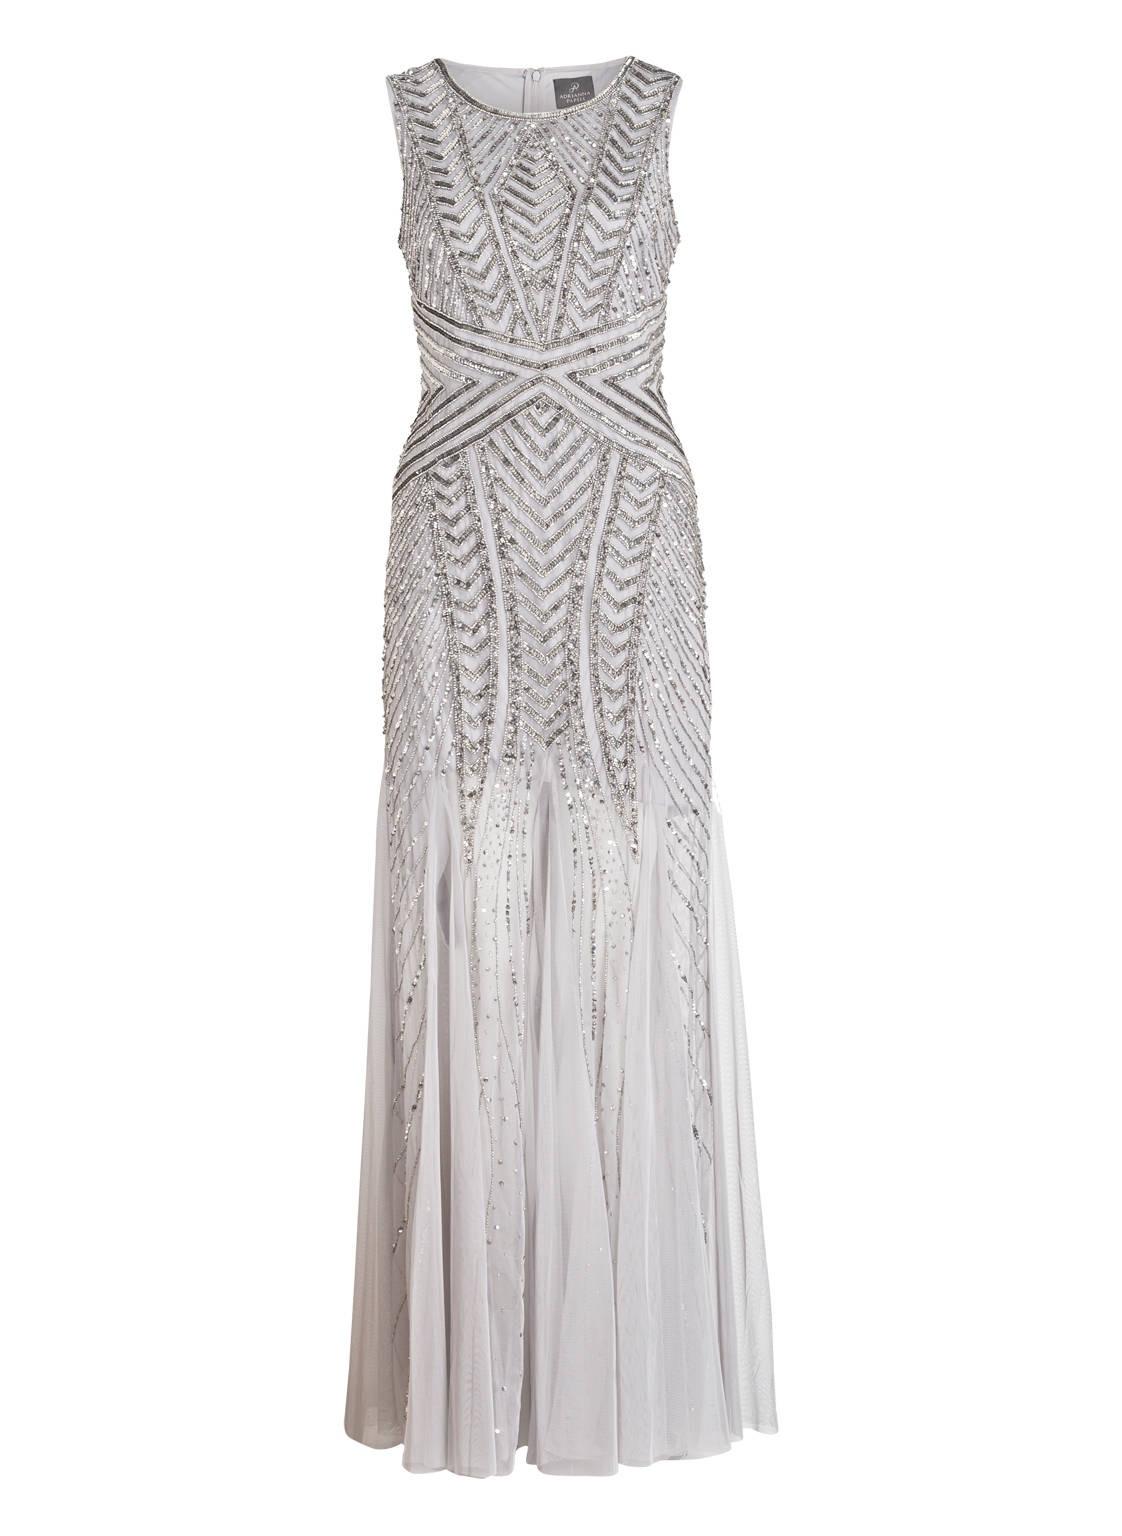 15 Wunderbar Abendkleider Zu Kaufen StylishAbend Schön Abendkleider Zu Kaufen Bester Preis